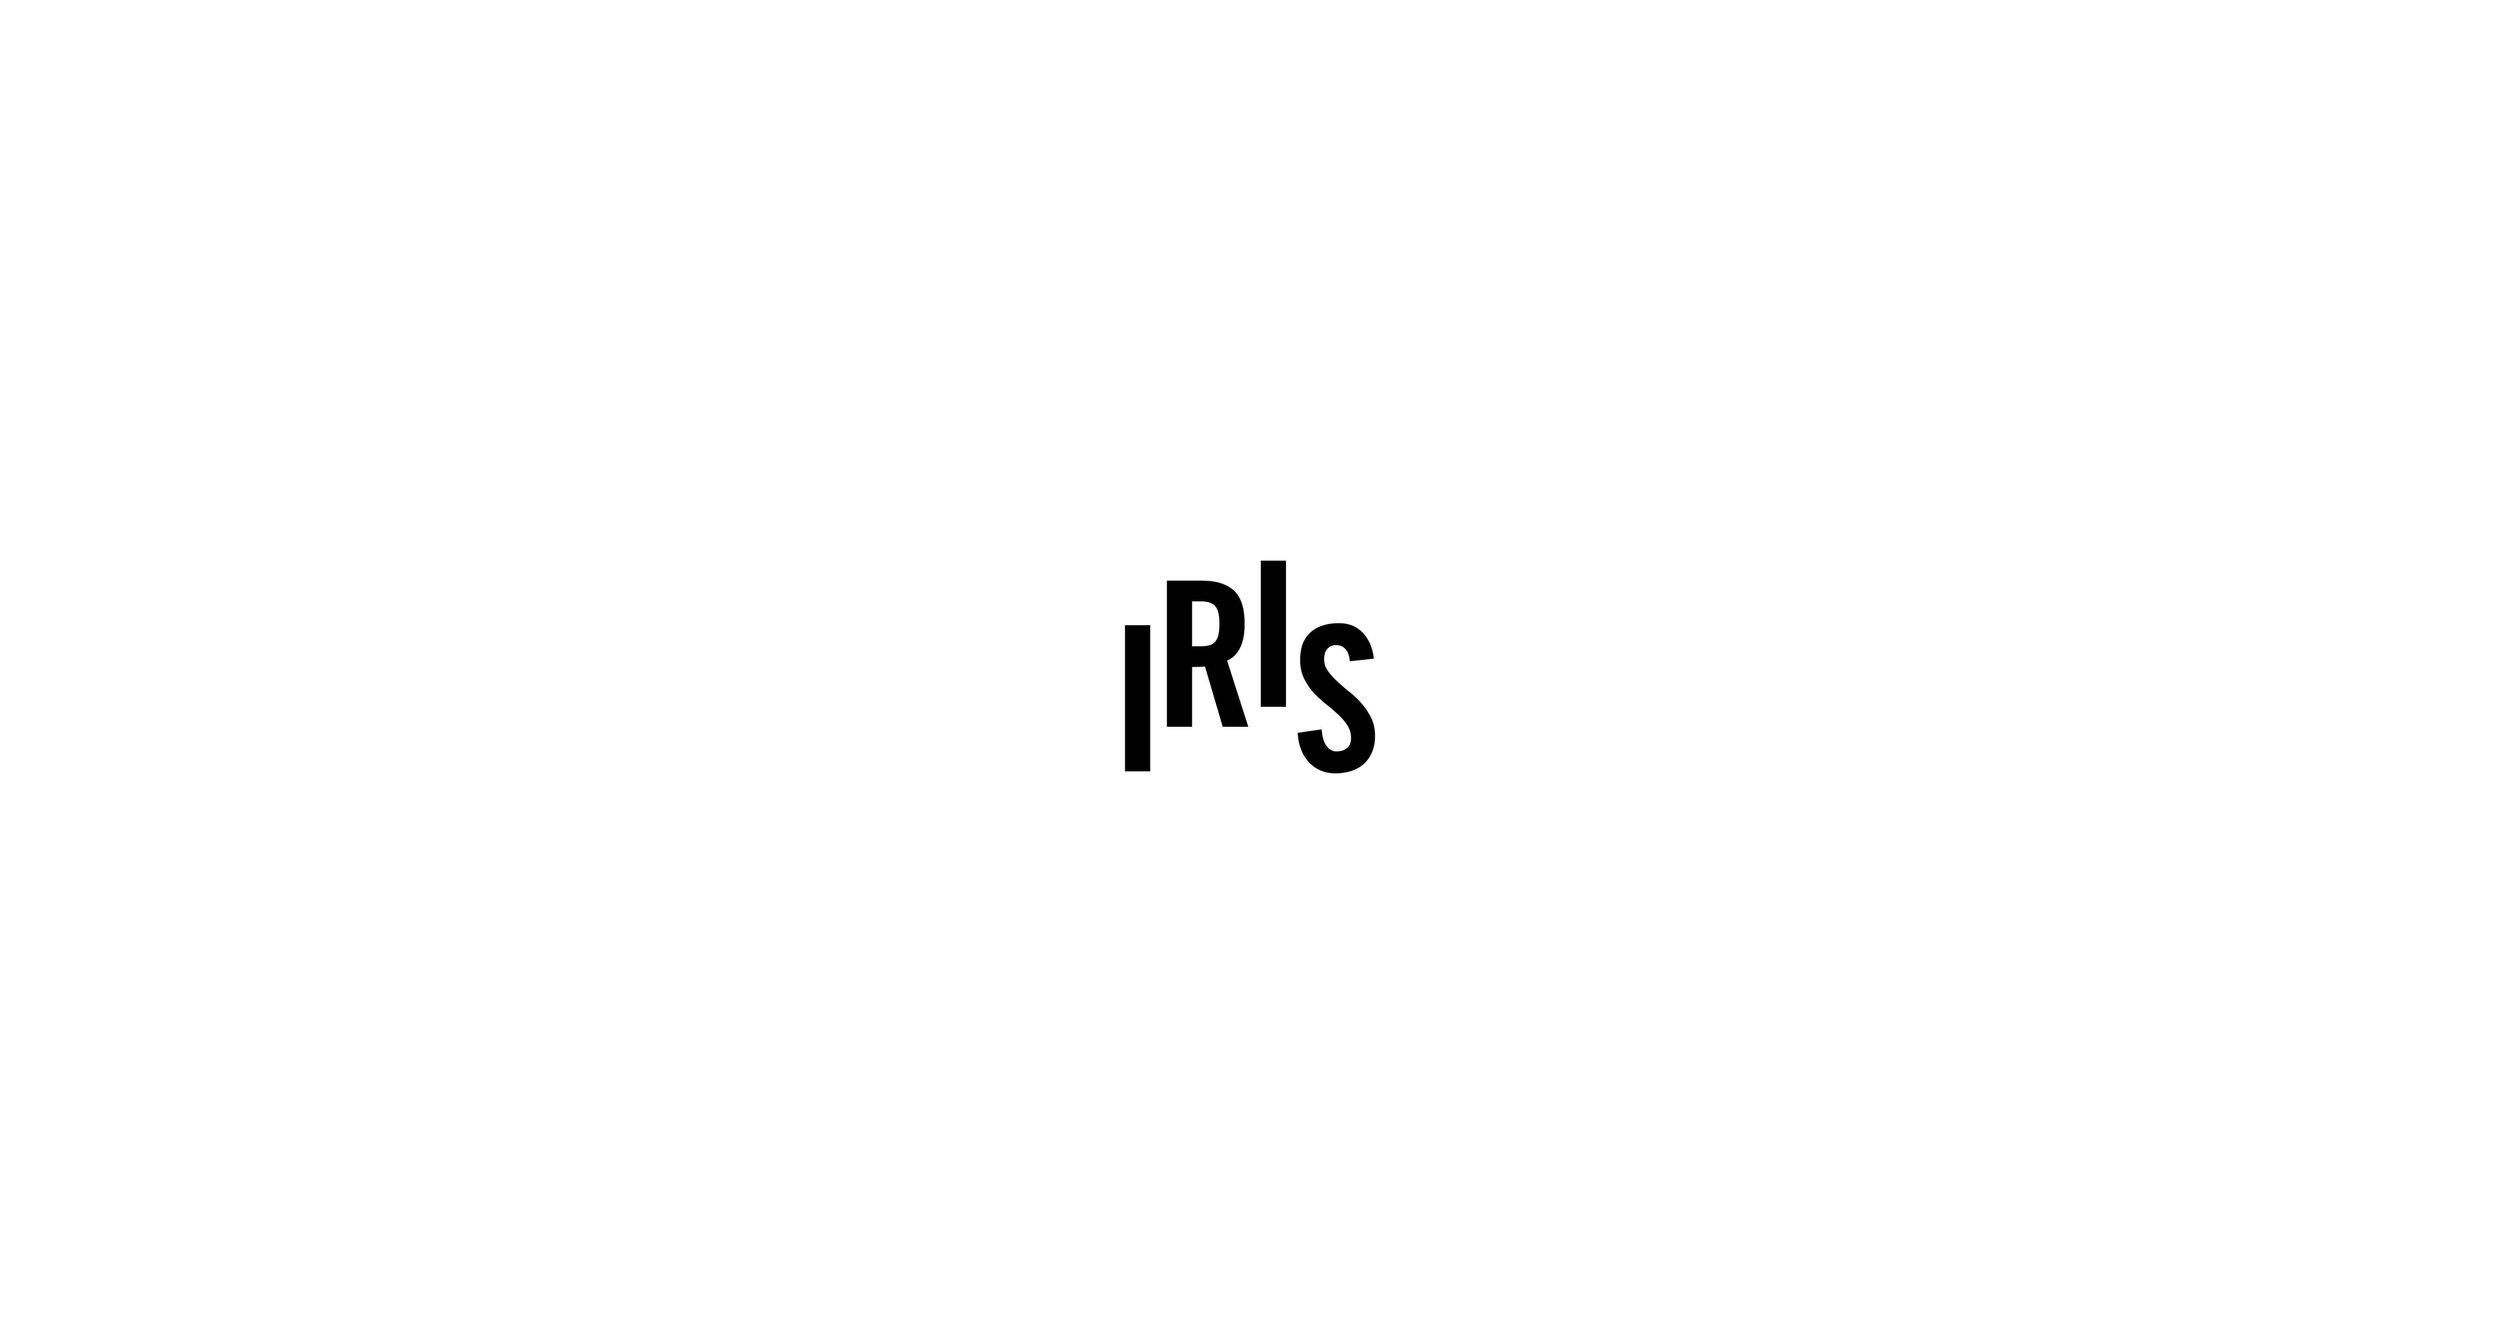 logo-design-branding-san-diego-vortic-13-iris